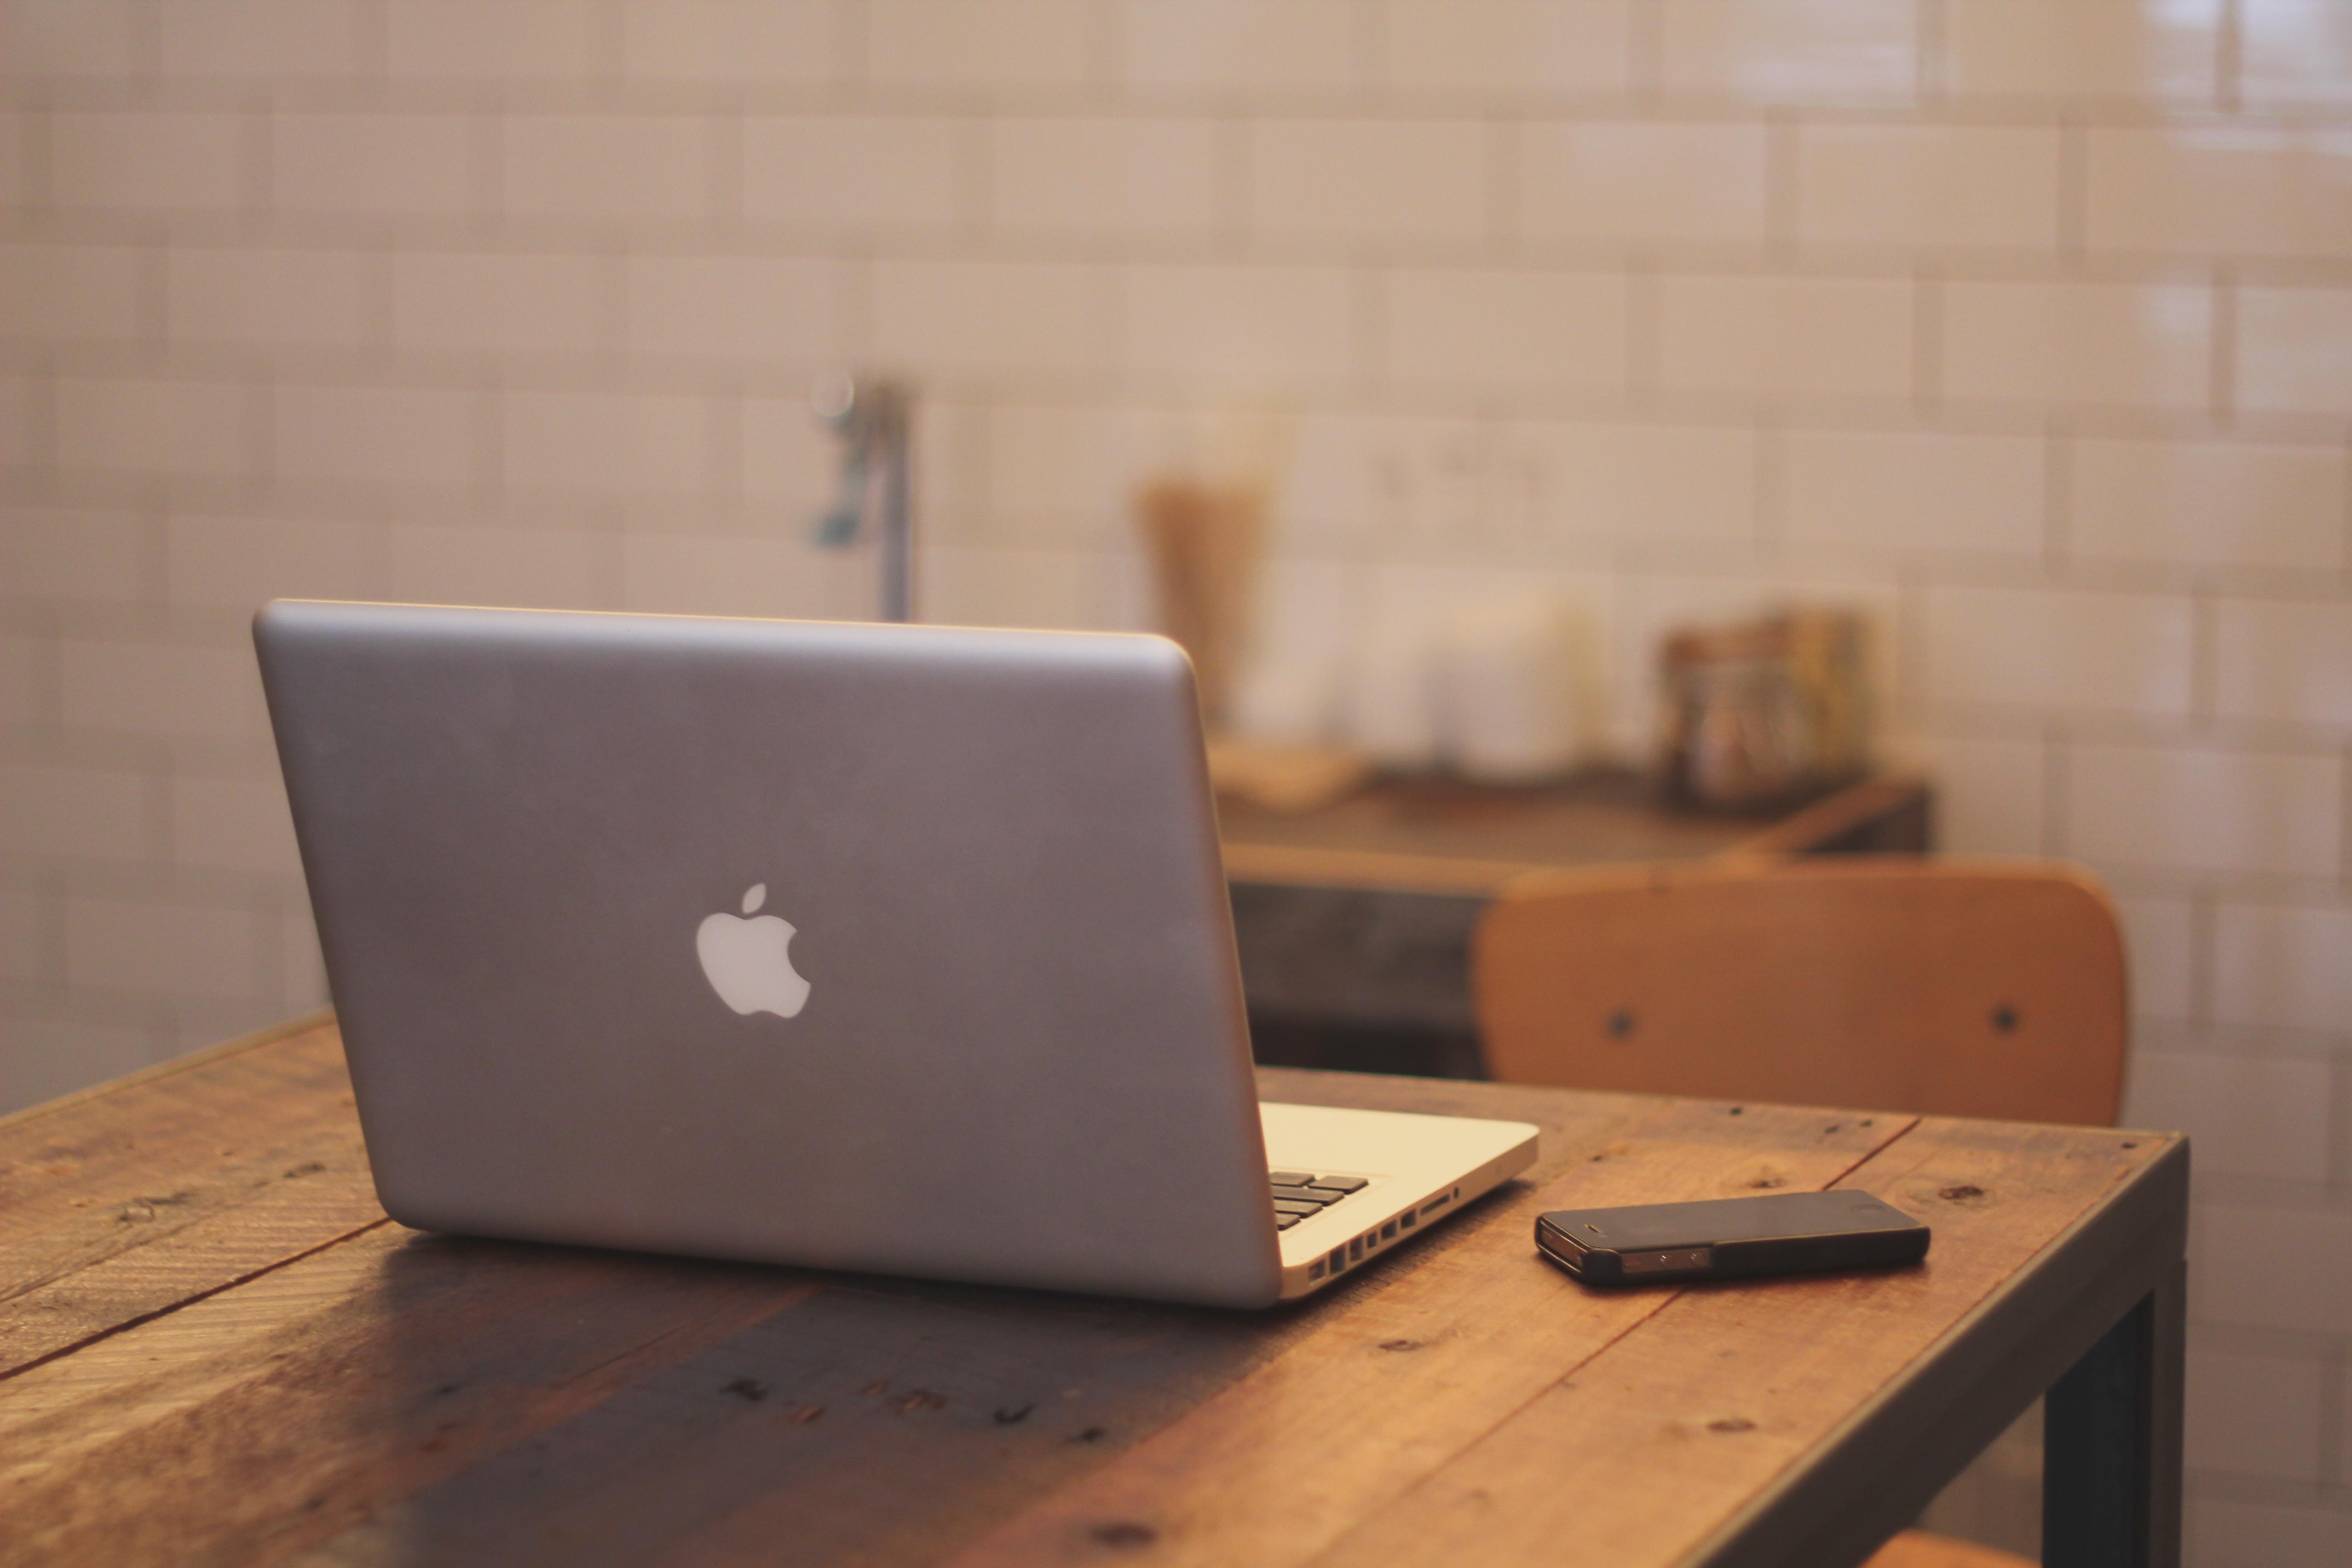 Fotos gratis : ordenador portátil, Iphone, escritorio, cuaderno ...